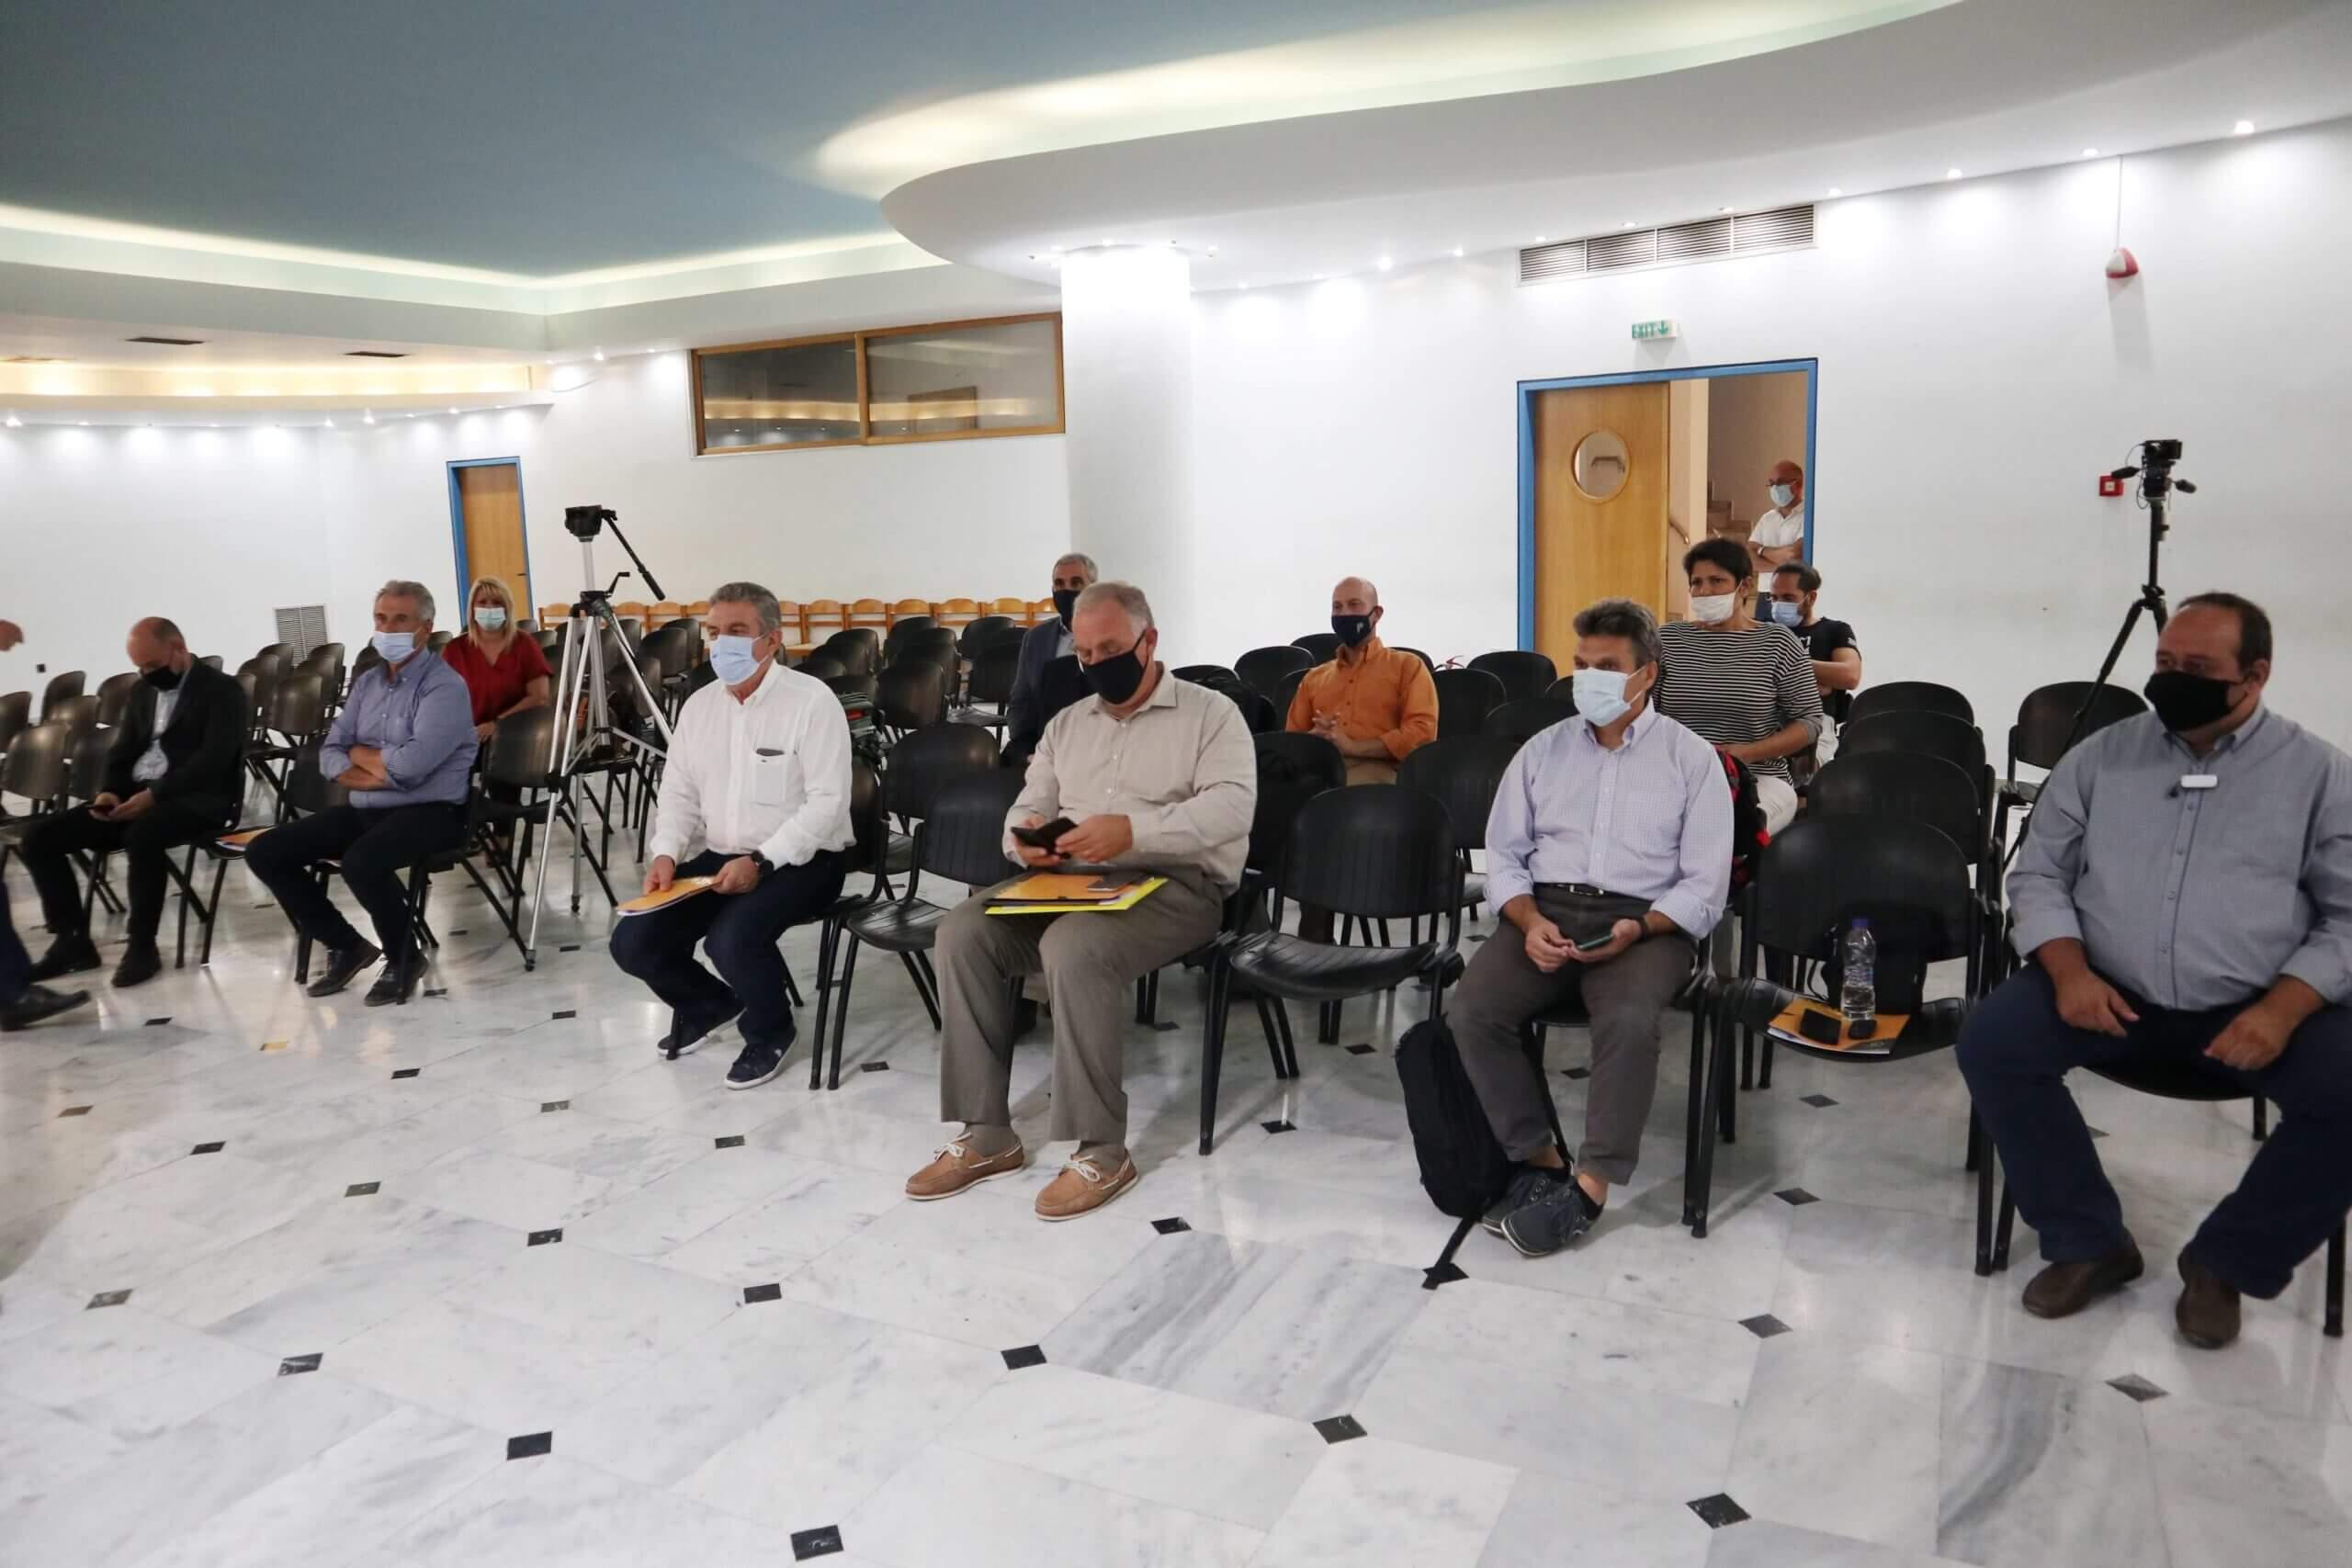 Παρουσίαση του καινοτόμου προγράμματος για την ενεργειακή φτώχεια στον Δήμο Ιλίου